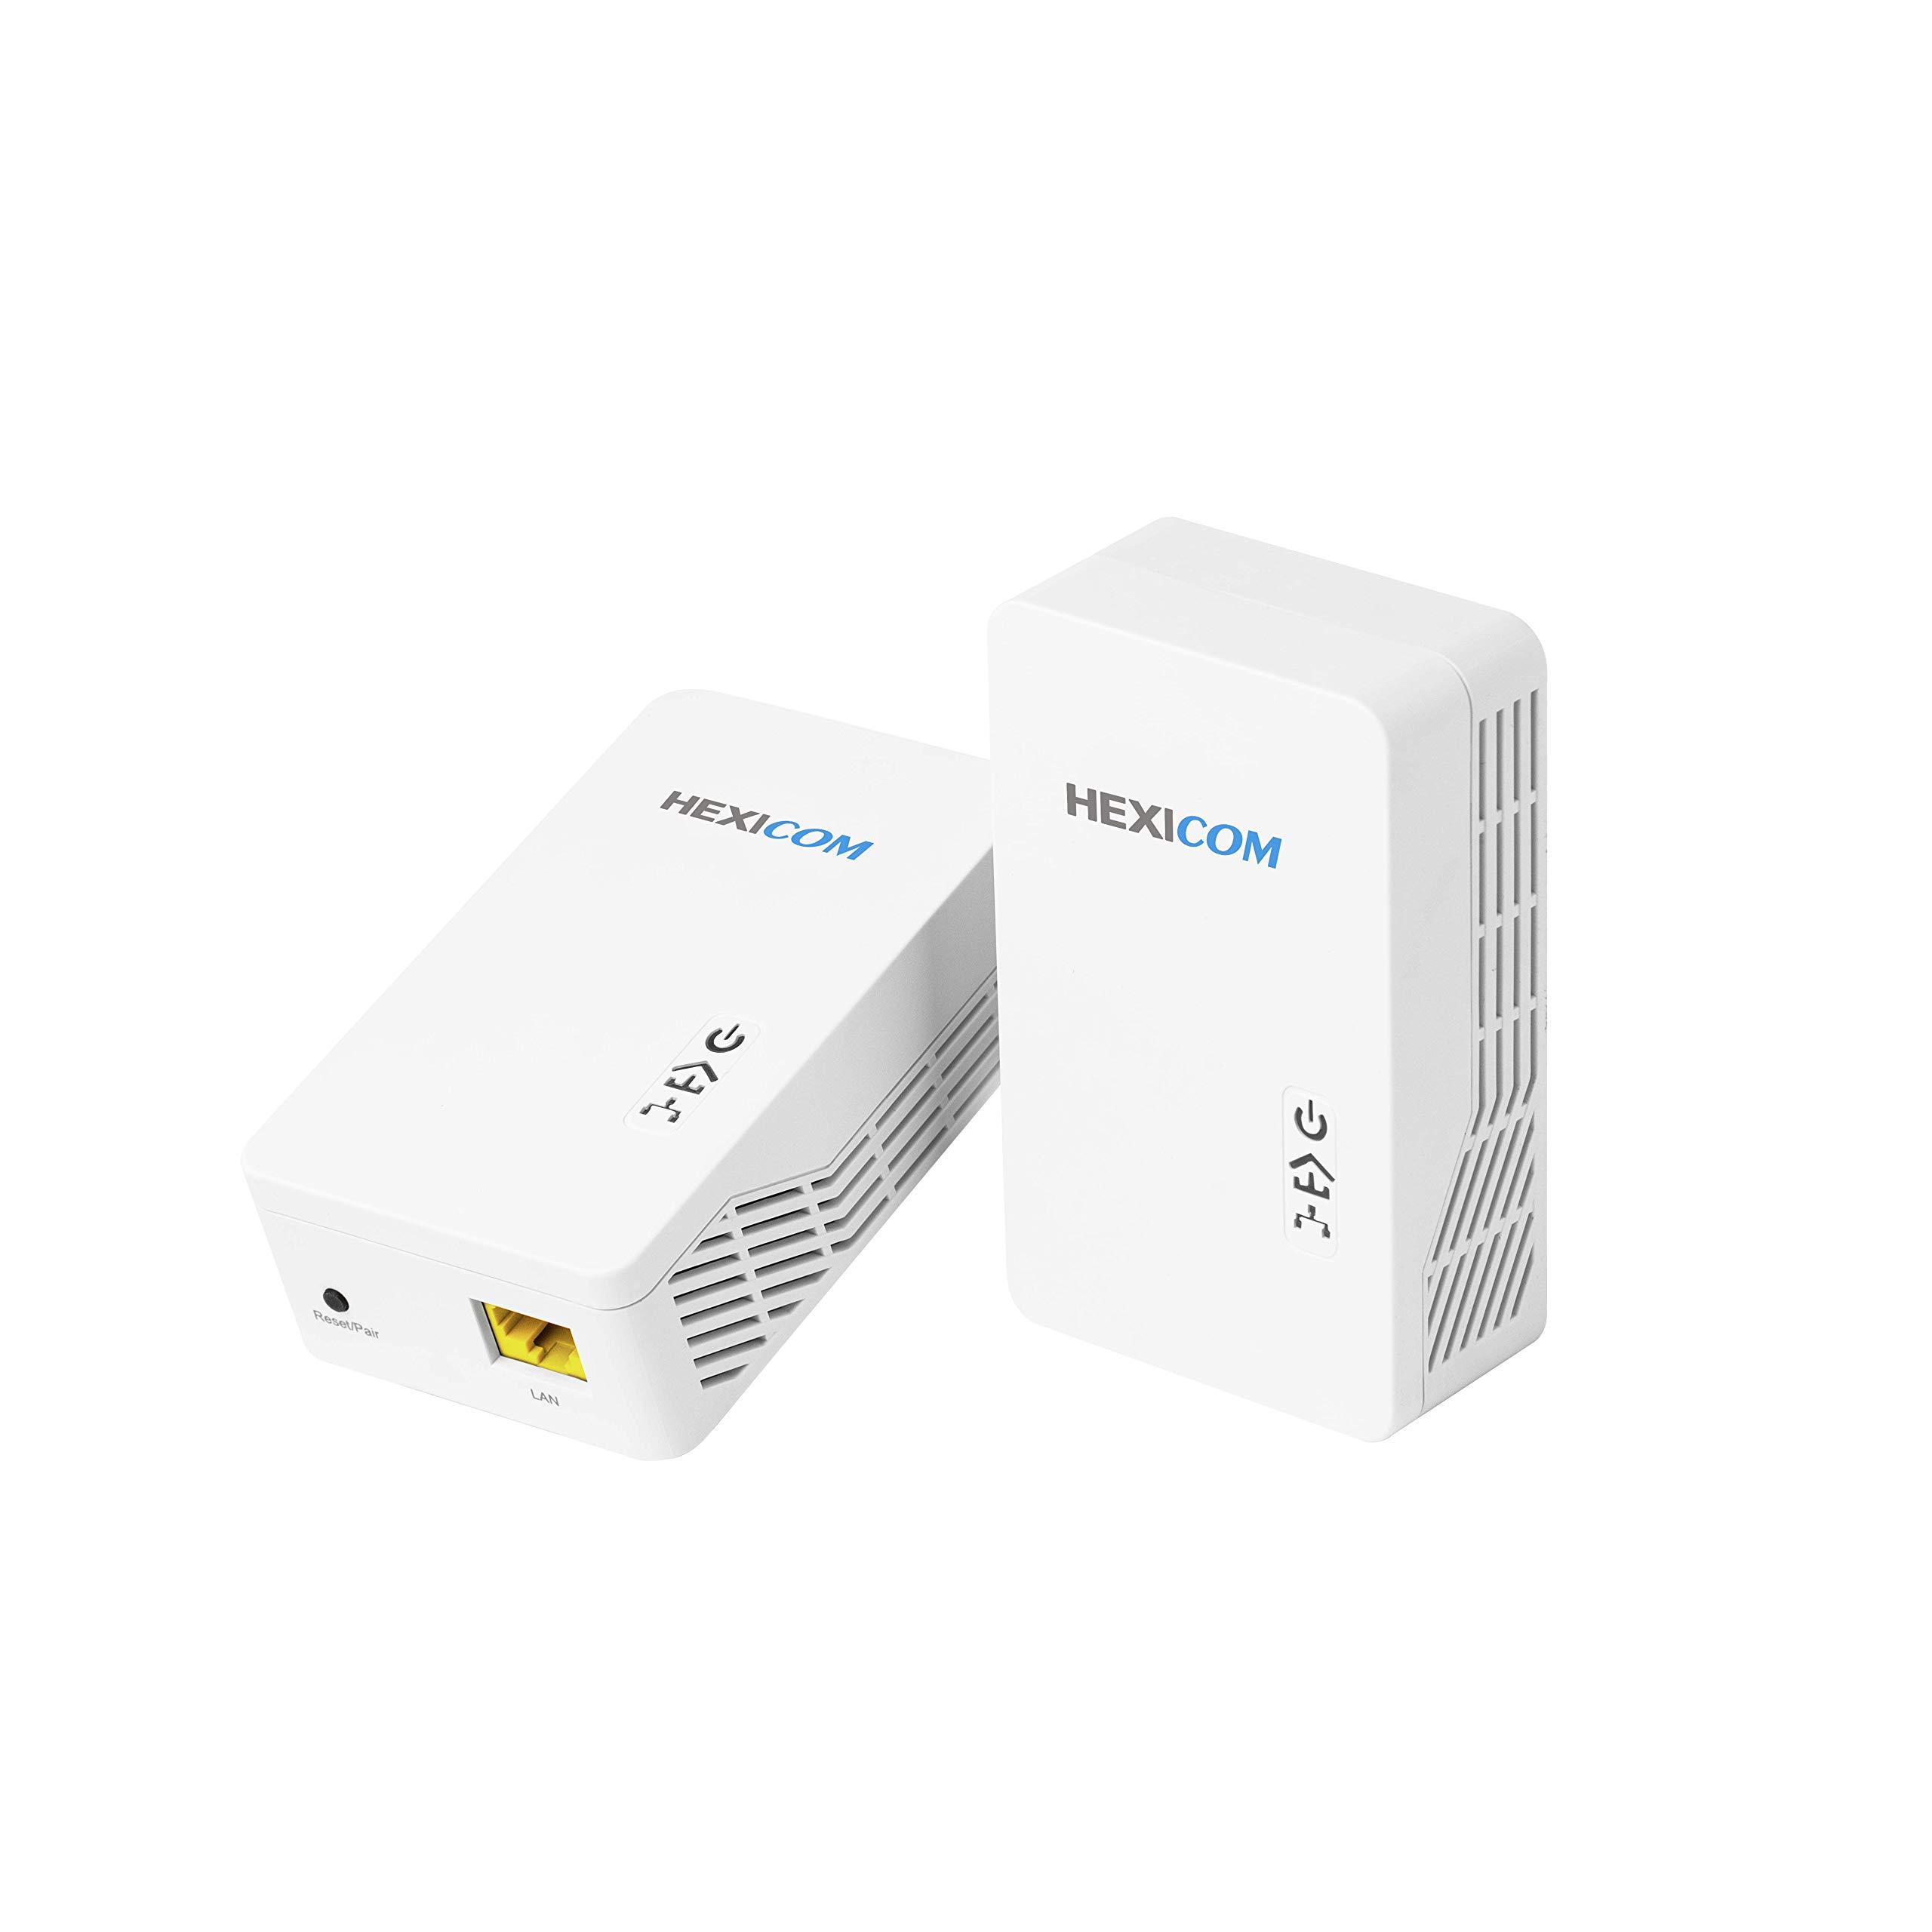 HEXICOM AV1000 Gigabit Powerline Adapter Ethernet Kit, Powerline Speeds Up to 1000Mbps (HS1000CK) by HEXICOM